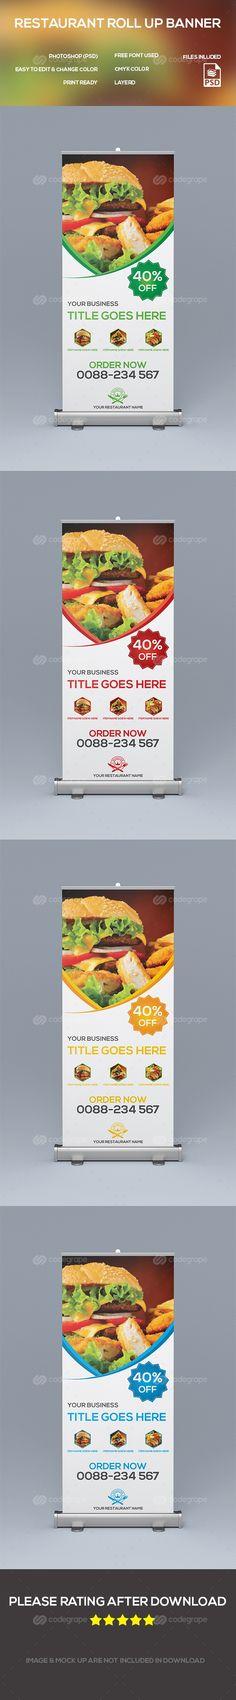 Restaurant Roll-up Banner on @codegrape. More Info: http://www.codegrape.com/item/restaurant-roll-up-banner/8685